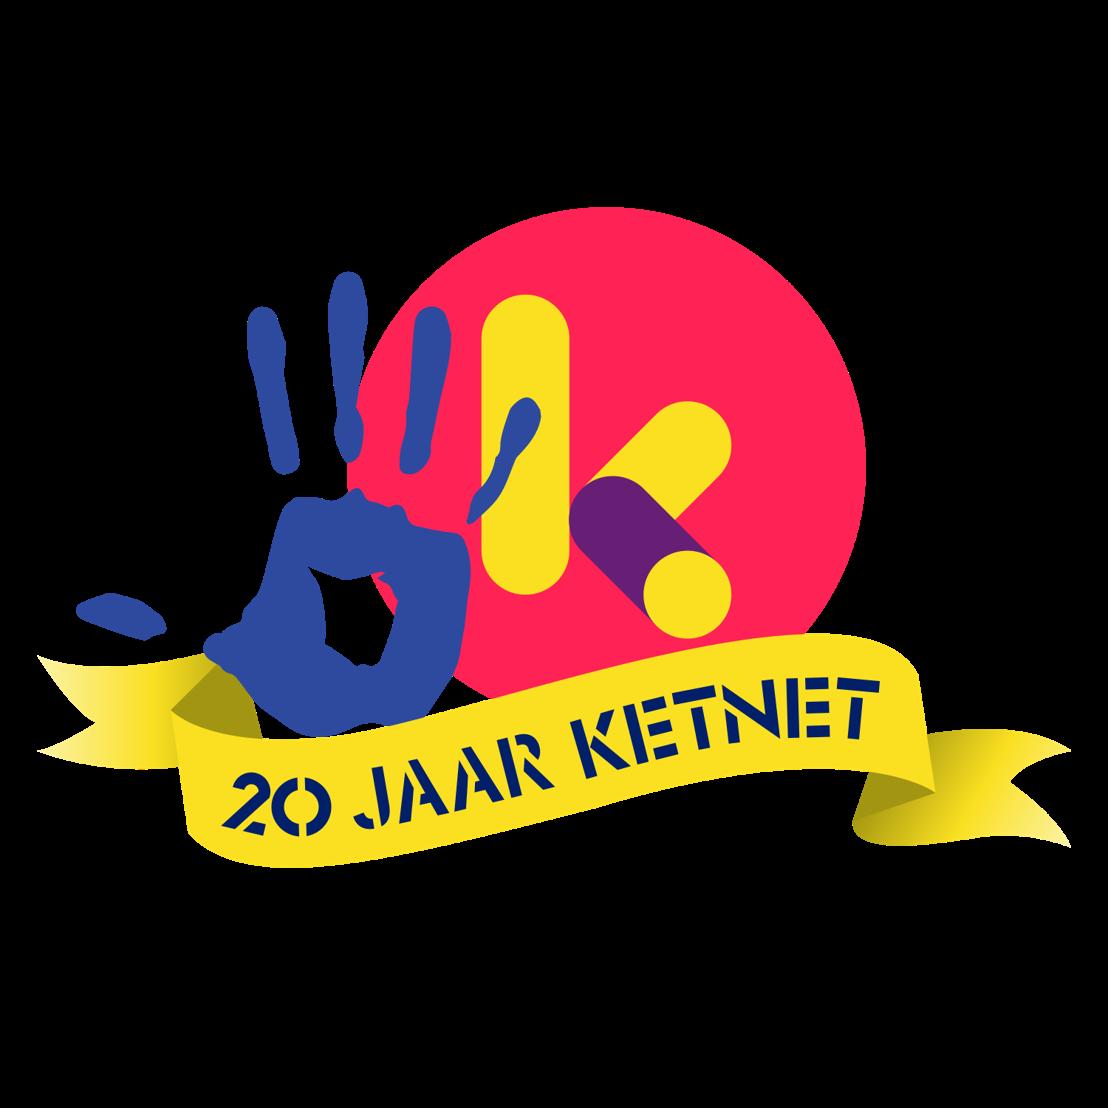 (c) - VRT - Logo 20 jaar Ketnet